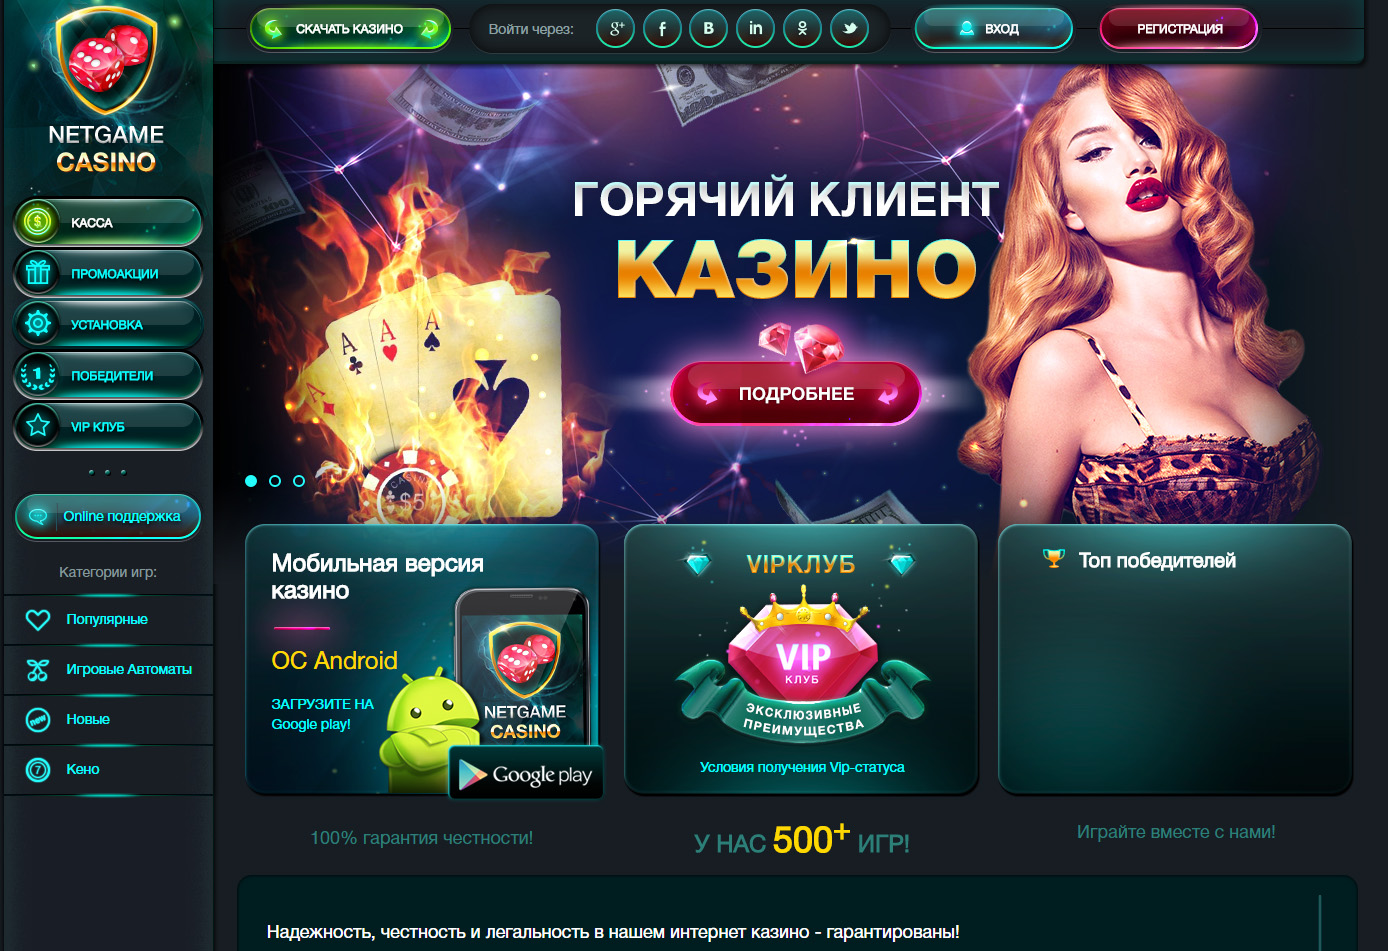 Клиентура казино бездепы в казино 2015 для зарегистрированных игроков